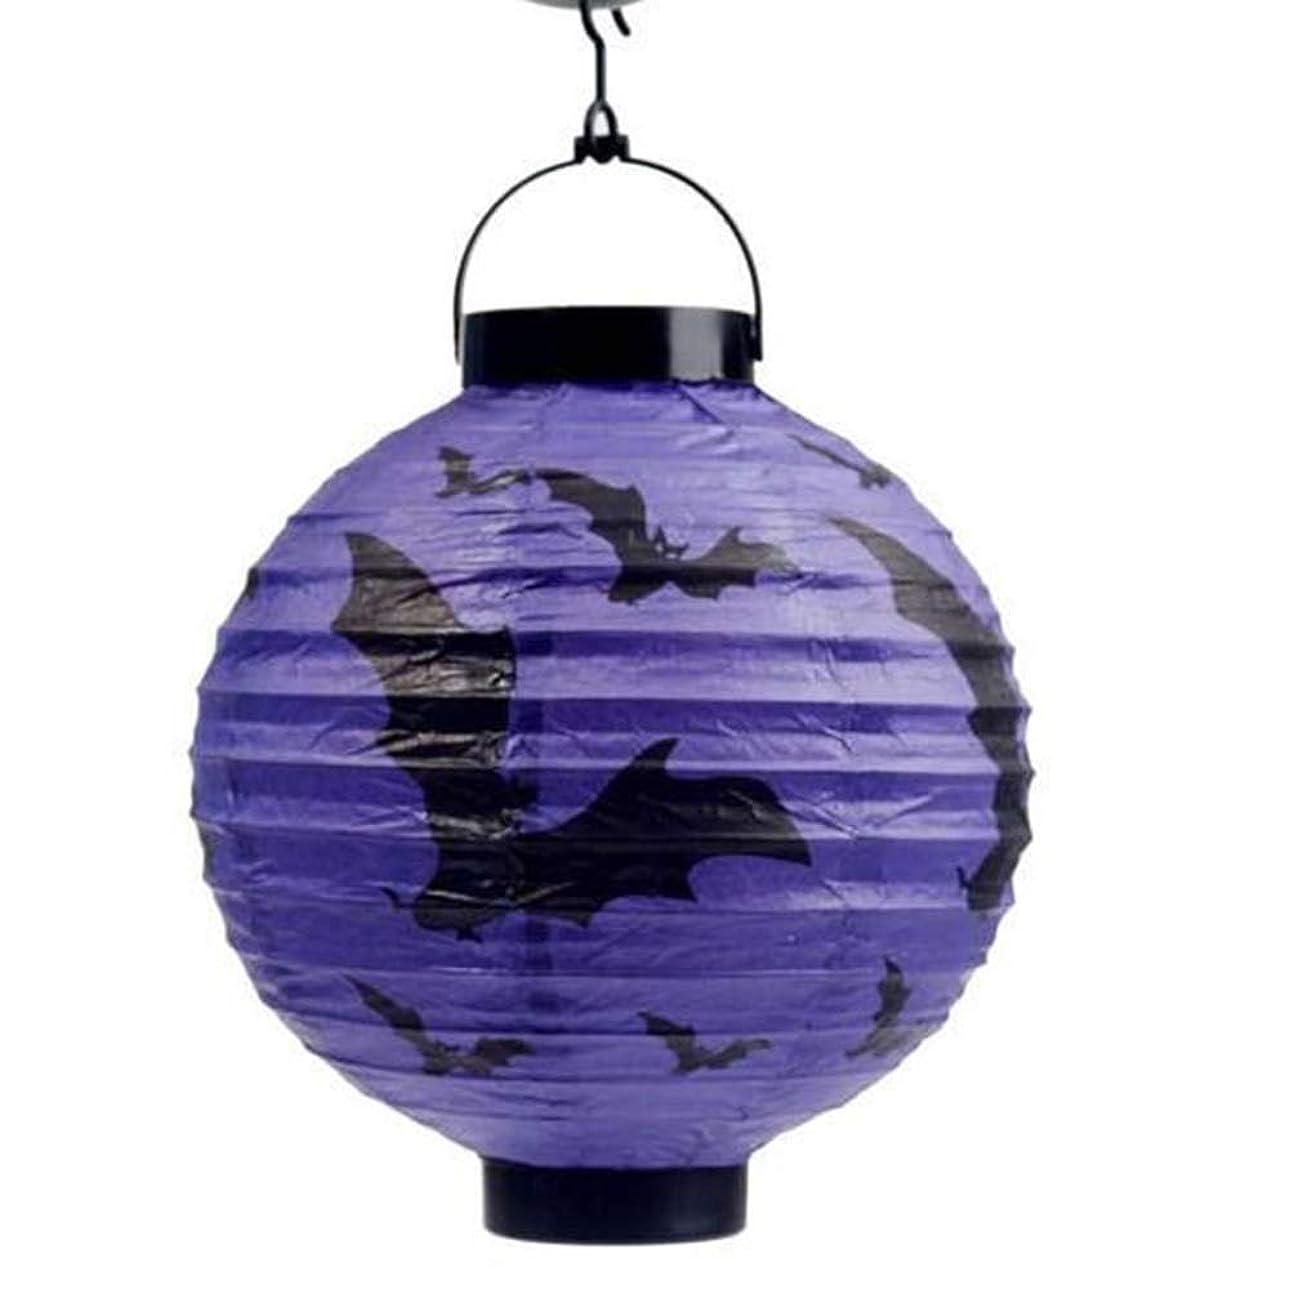 旋律的丁寧恩恵ハロウィン小道具、パーティーバー、お化け屋敷の装飾品、かぼちゃ提灯、かぼちゃ提灯、4色、ワンサイズ